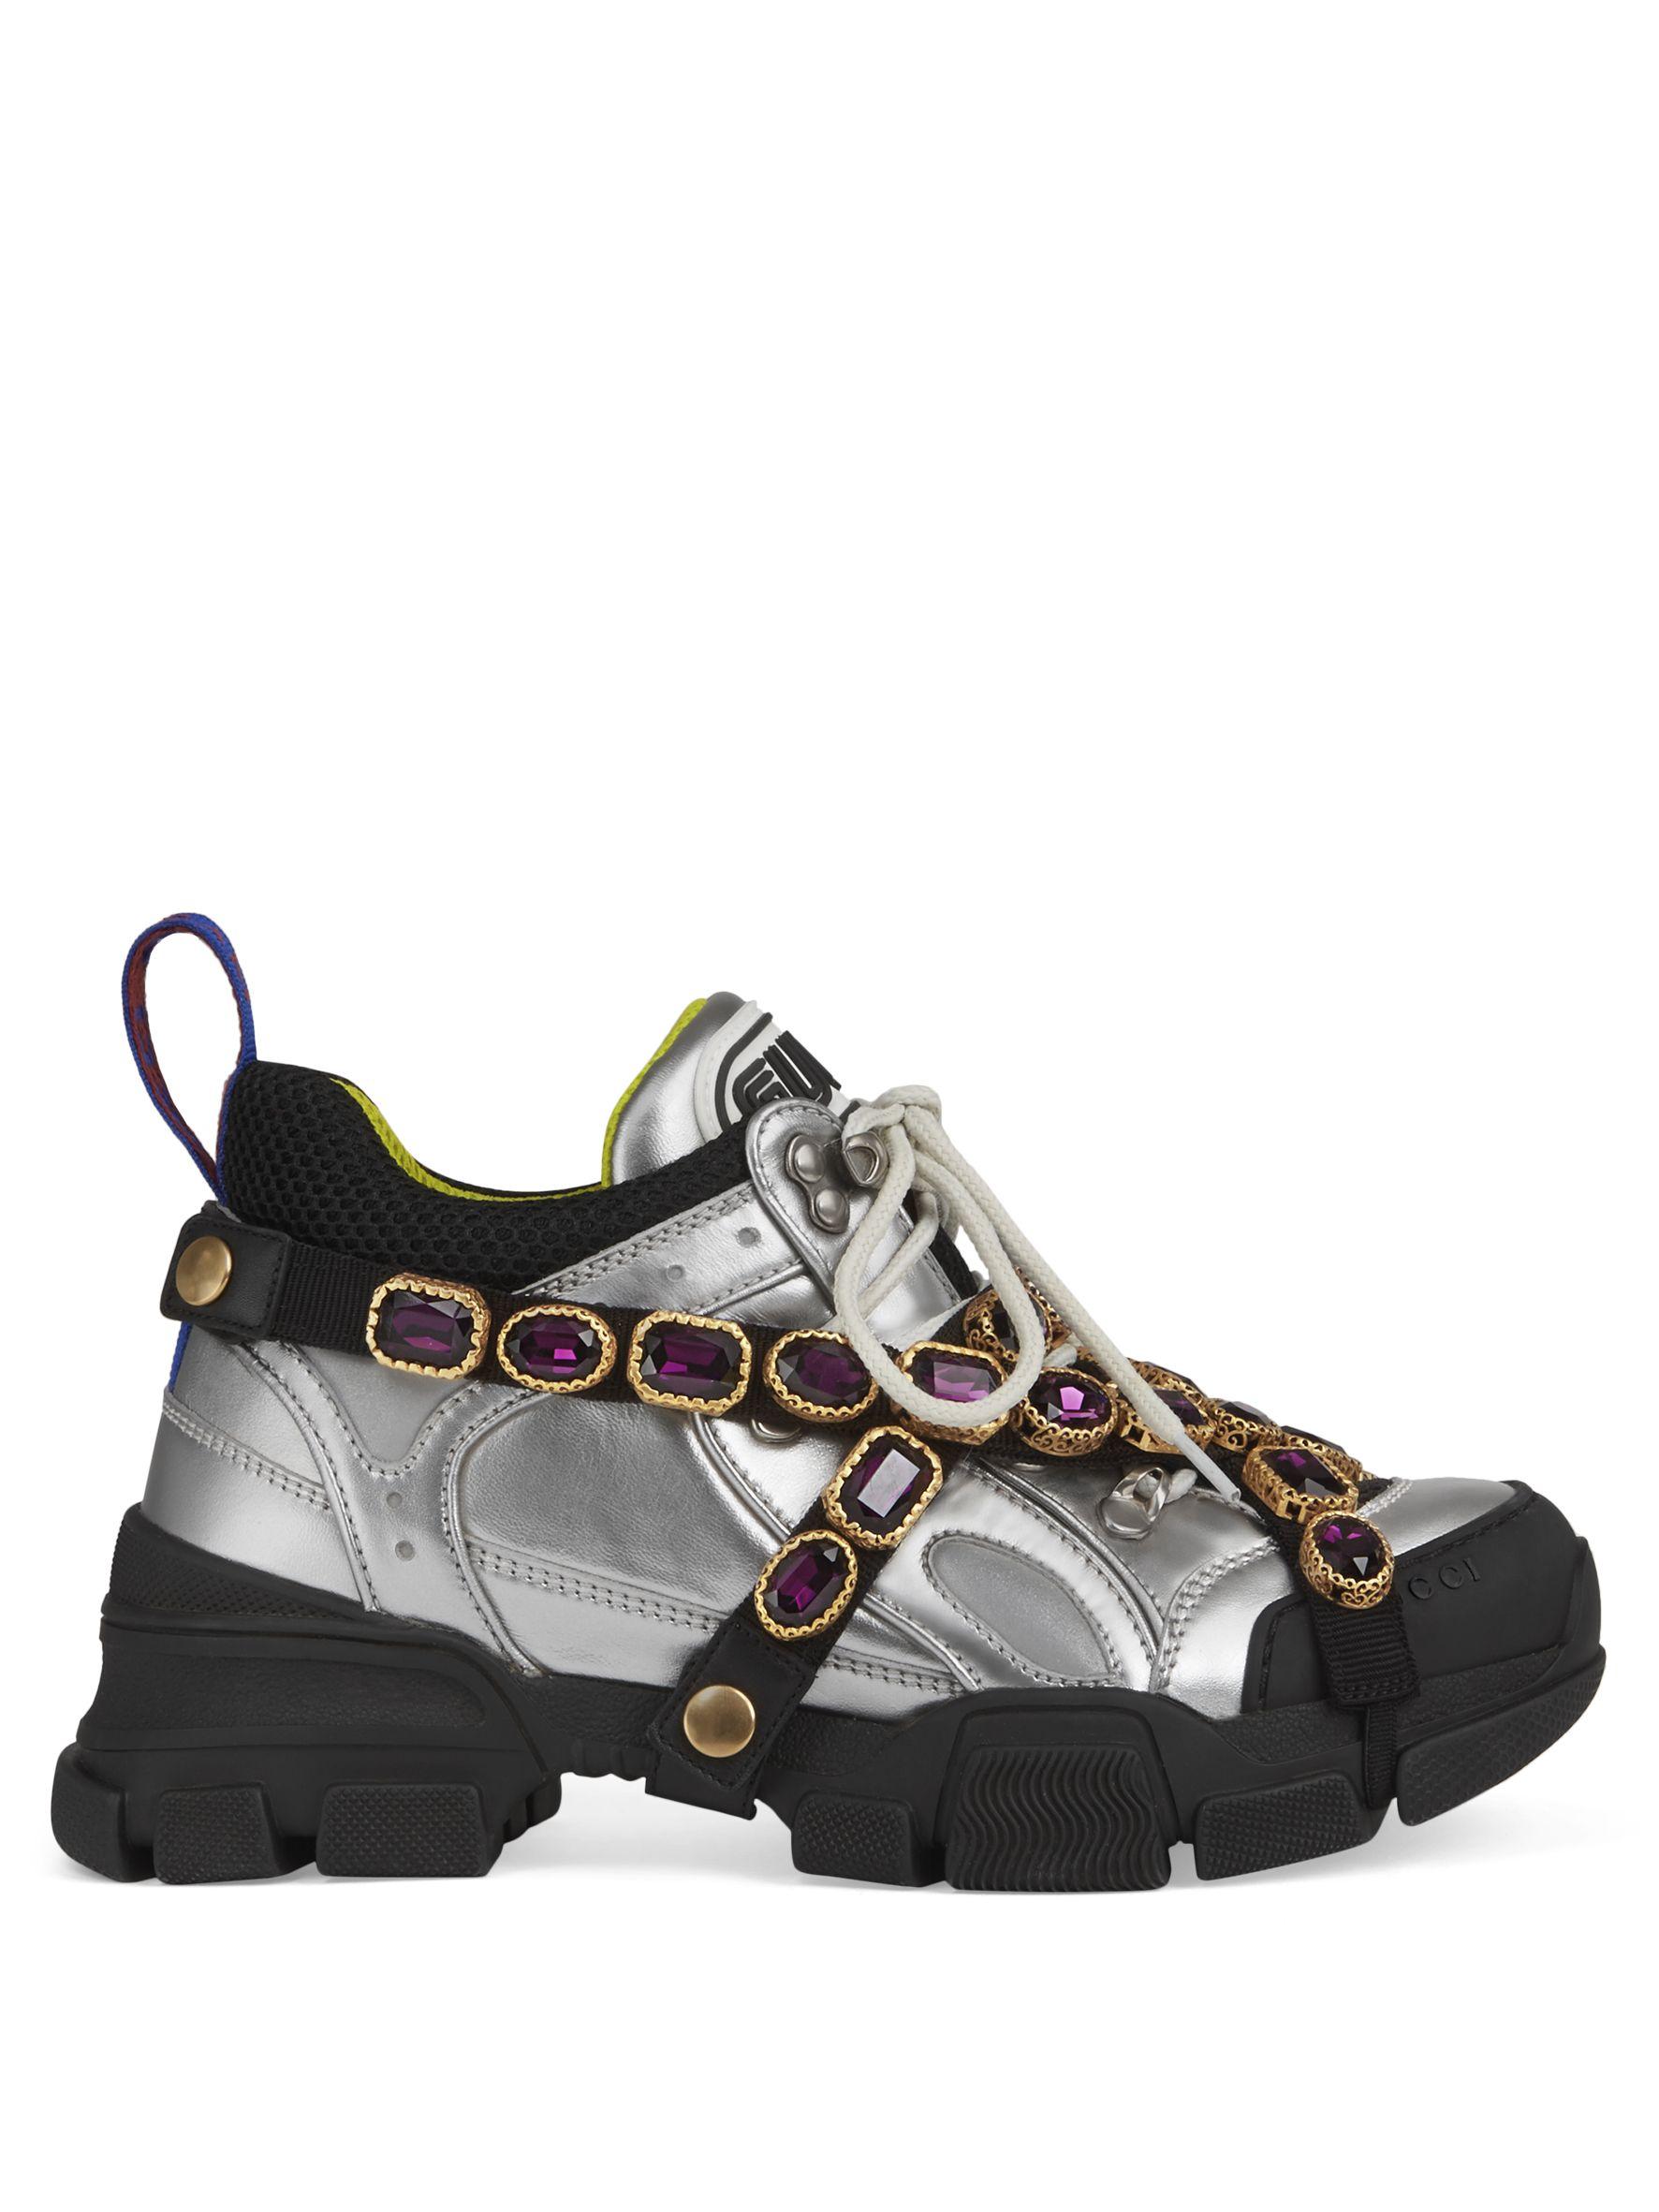 modascarponcini da montagna, moda hiking boots